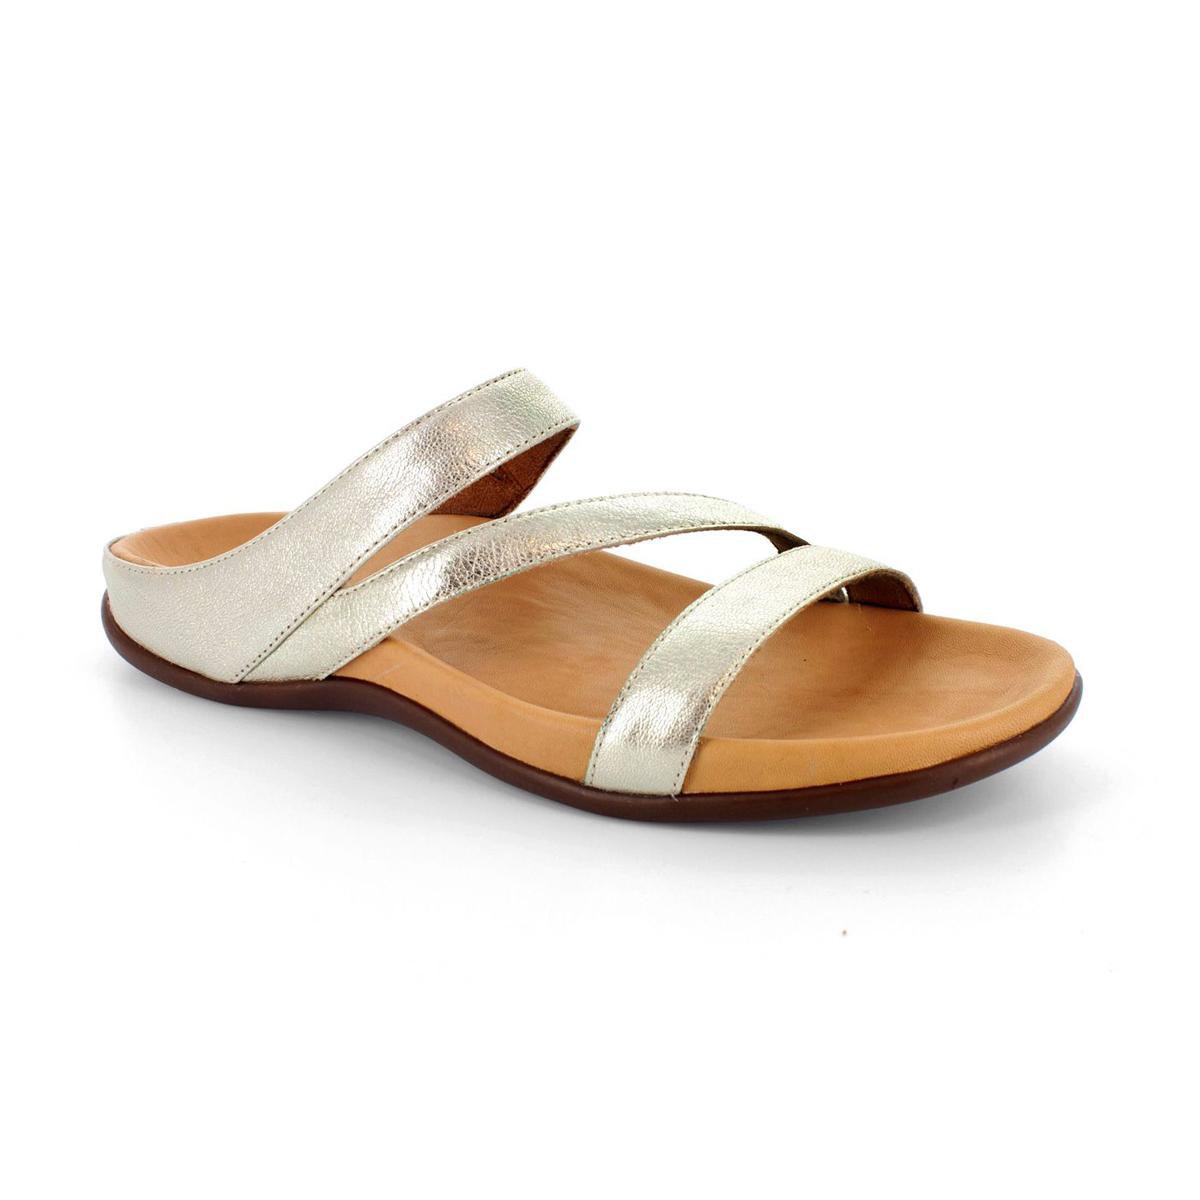 スニーカー感覚で歩き回れる「サンダル」|TRIO  / UK6(25-25.5cm) 独自開発の立体インソールで、スニーカーみたいに歩き回れる「サンダル」|strive